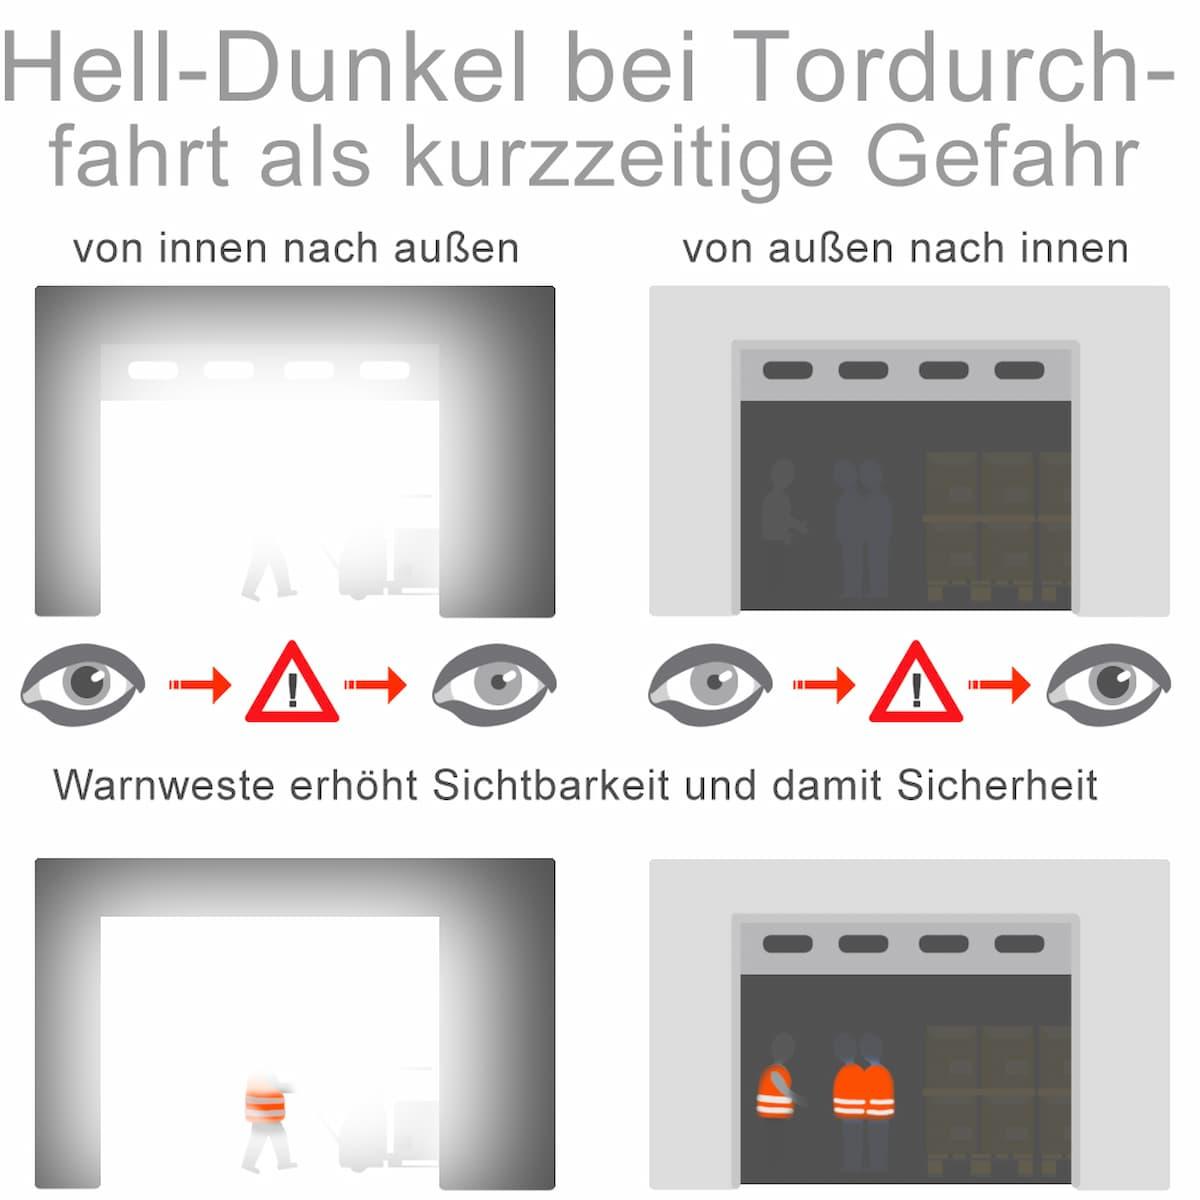 Hell-Dunkel bei Tordurchfahrten als kurzzeitige Gefahr